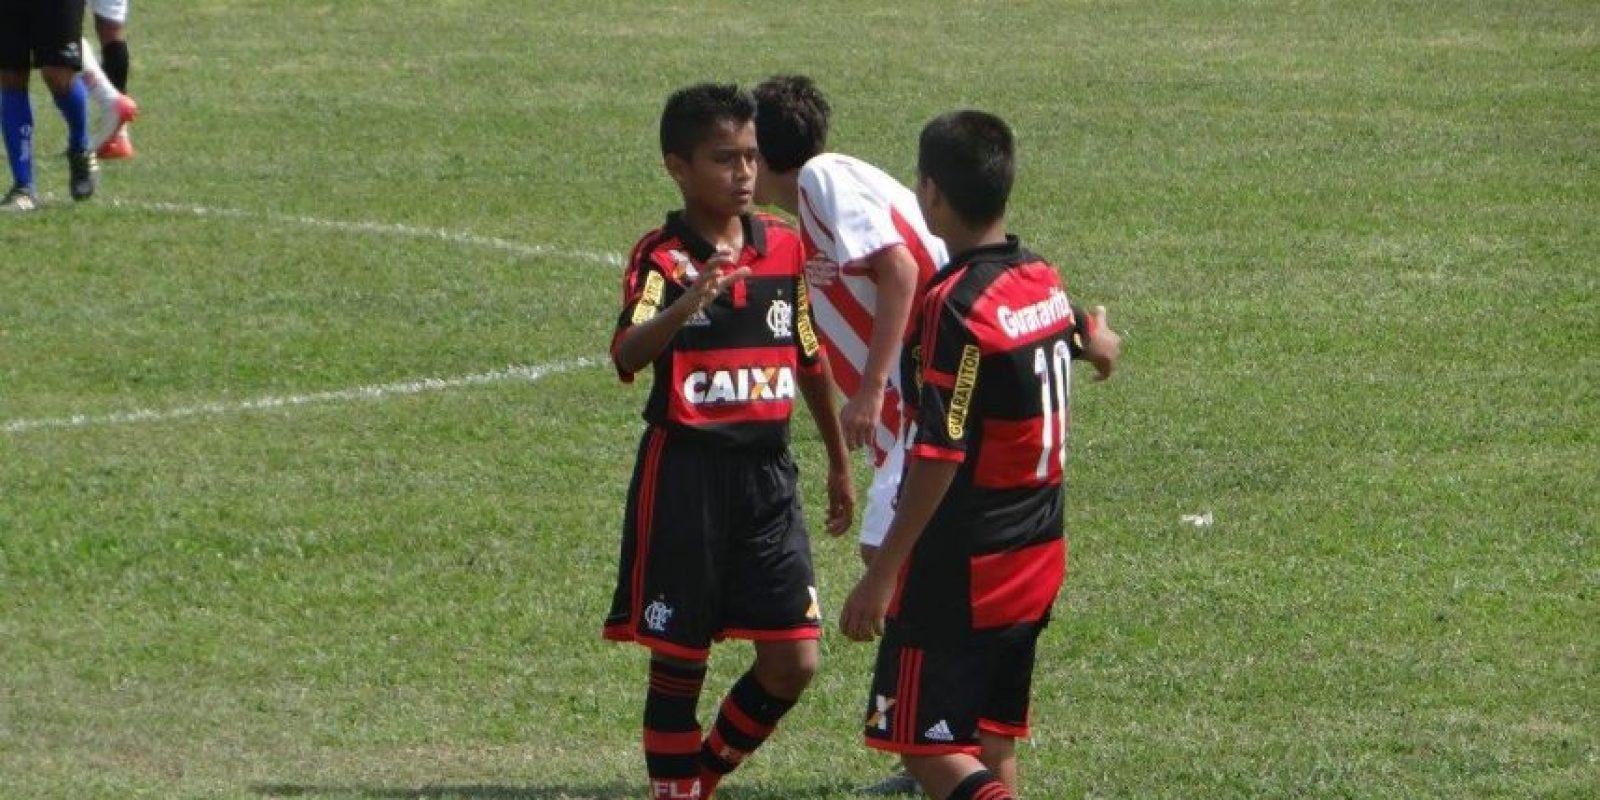 Junto con sus compañeros, Saraiva Valencia celebró con el trofeo como campeón en su categoría. Foto:Cortesía Marcelo Saraiva